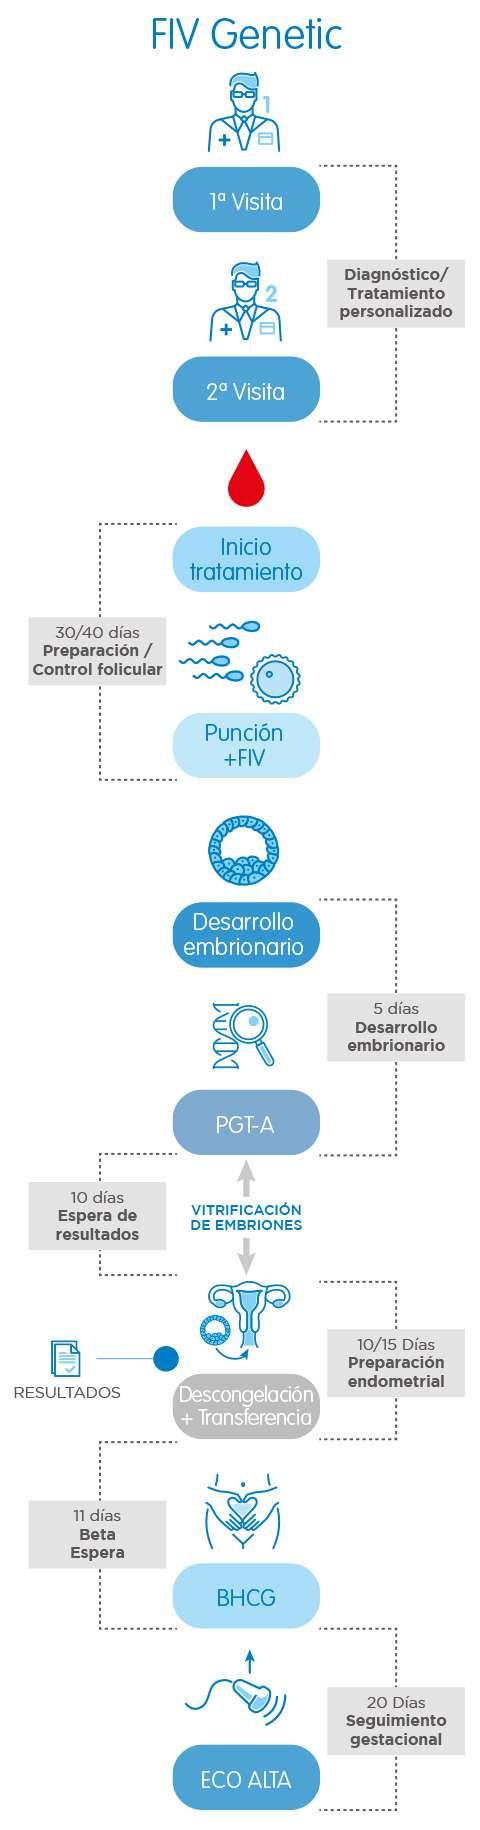 Infografía FIV Genetic (FIV + PGT-A)